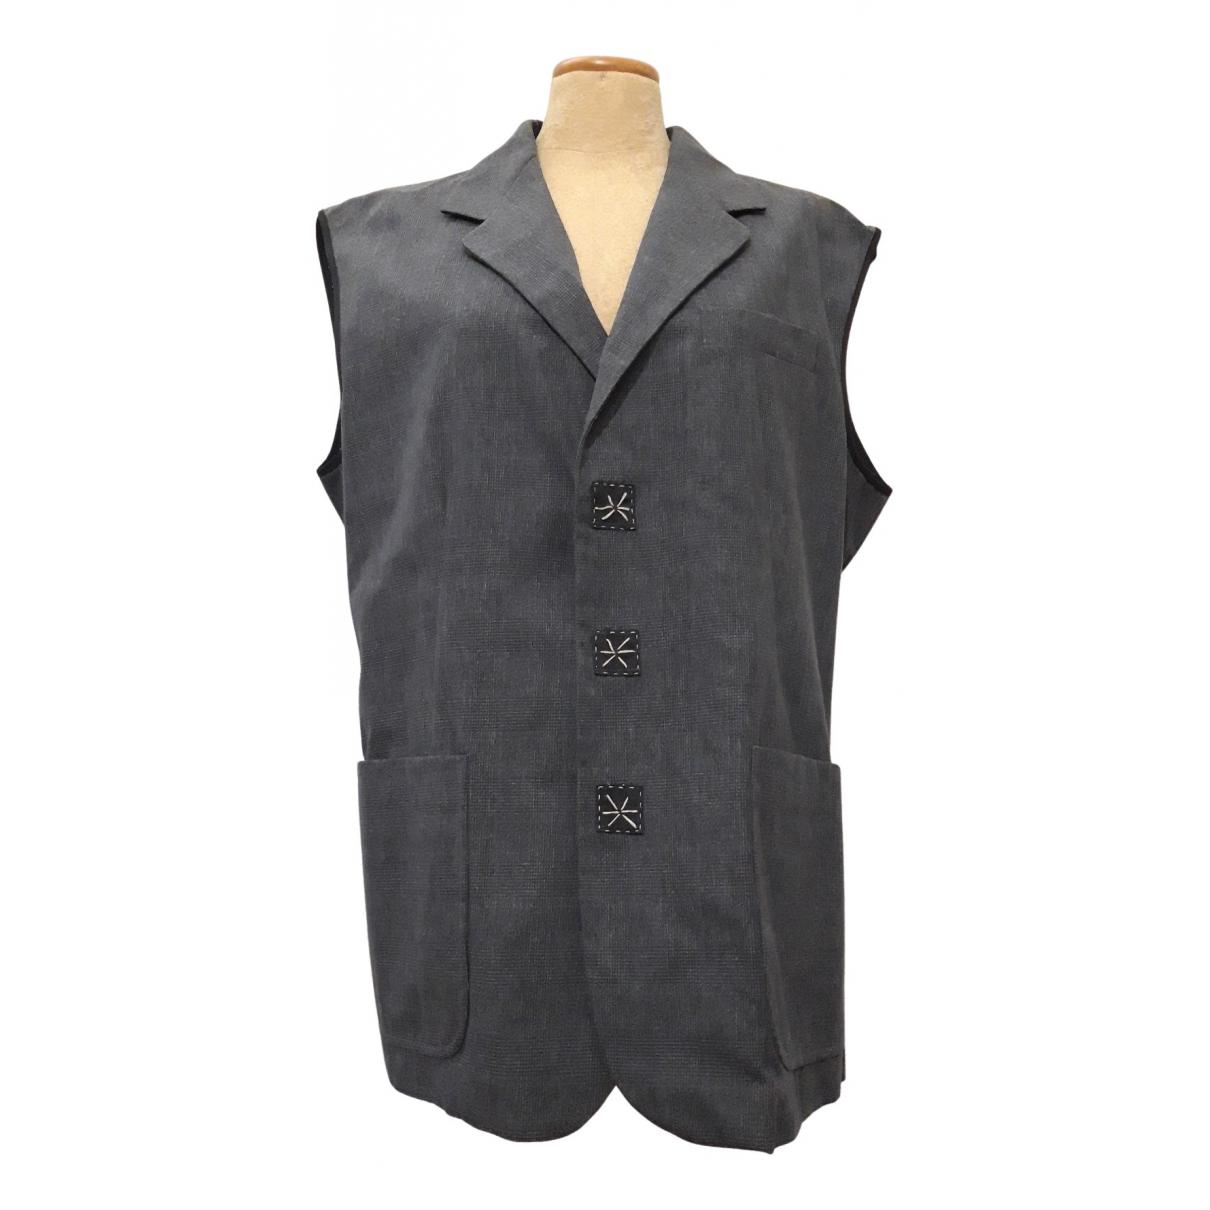 Antonio Marras N Grey Cotton Knitwear & Sweatshirts for Men 52 IT